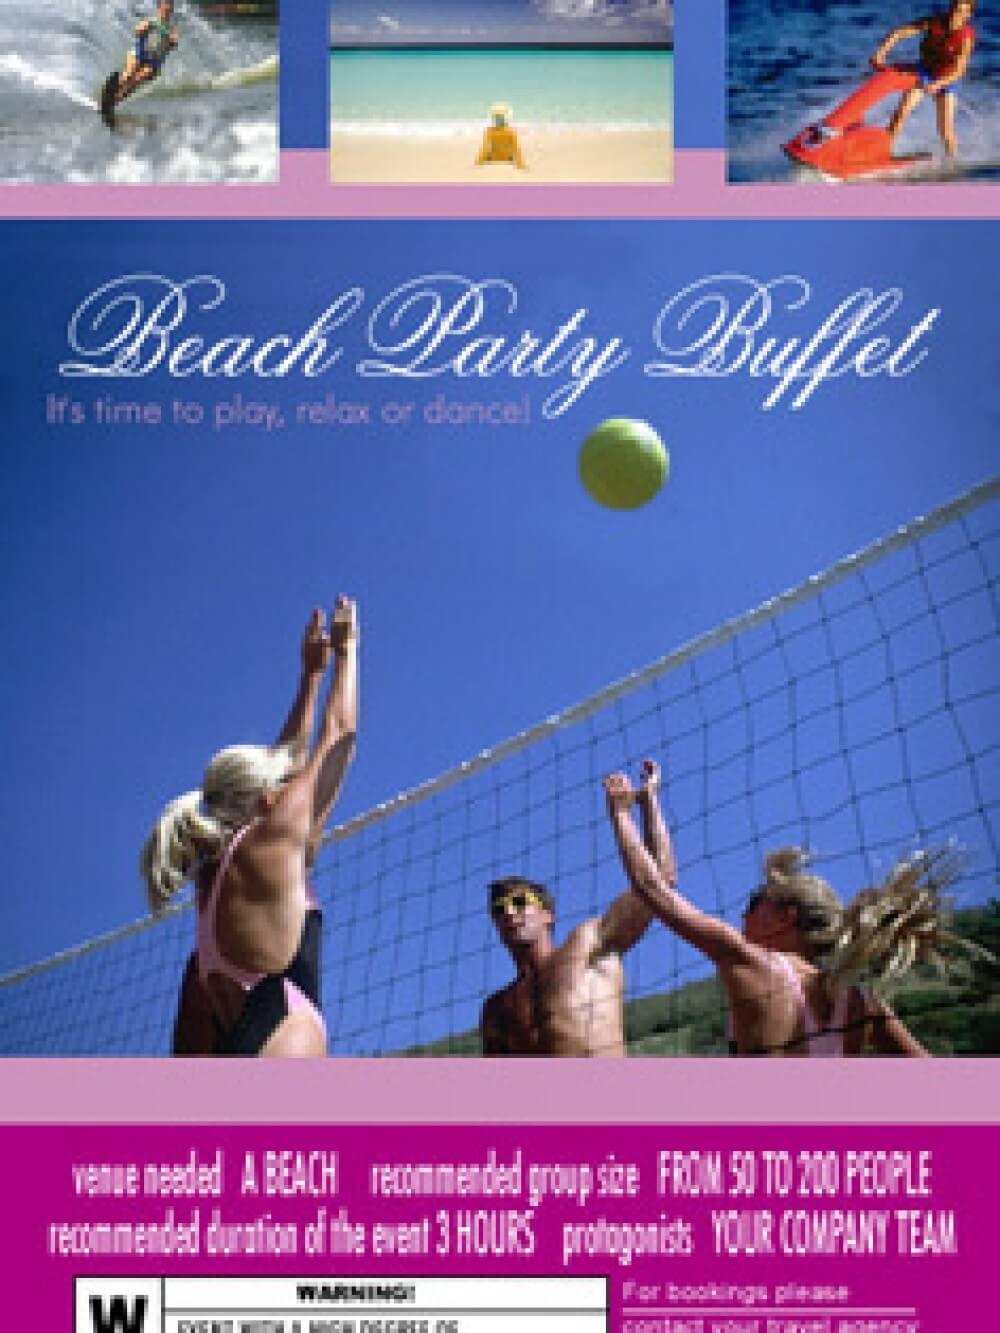 beach_party_buffet_vertical_web